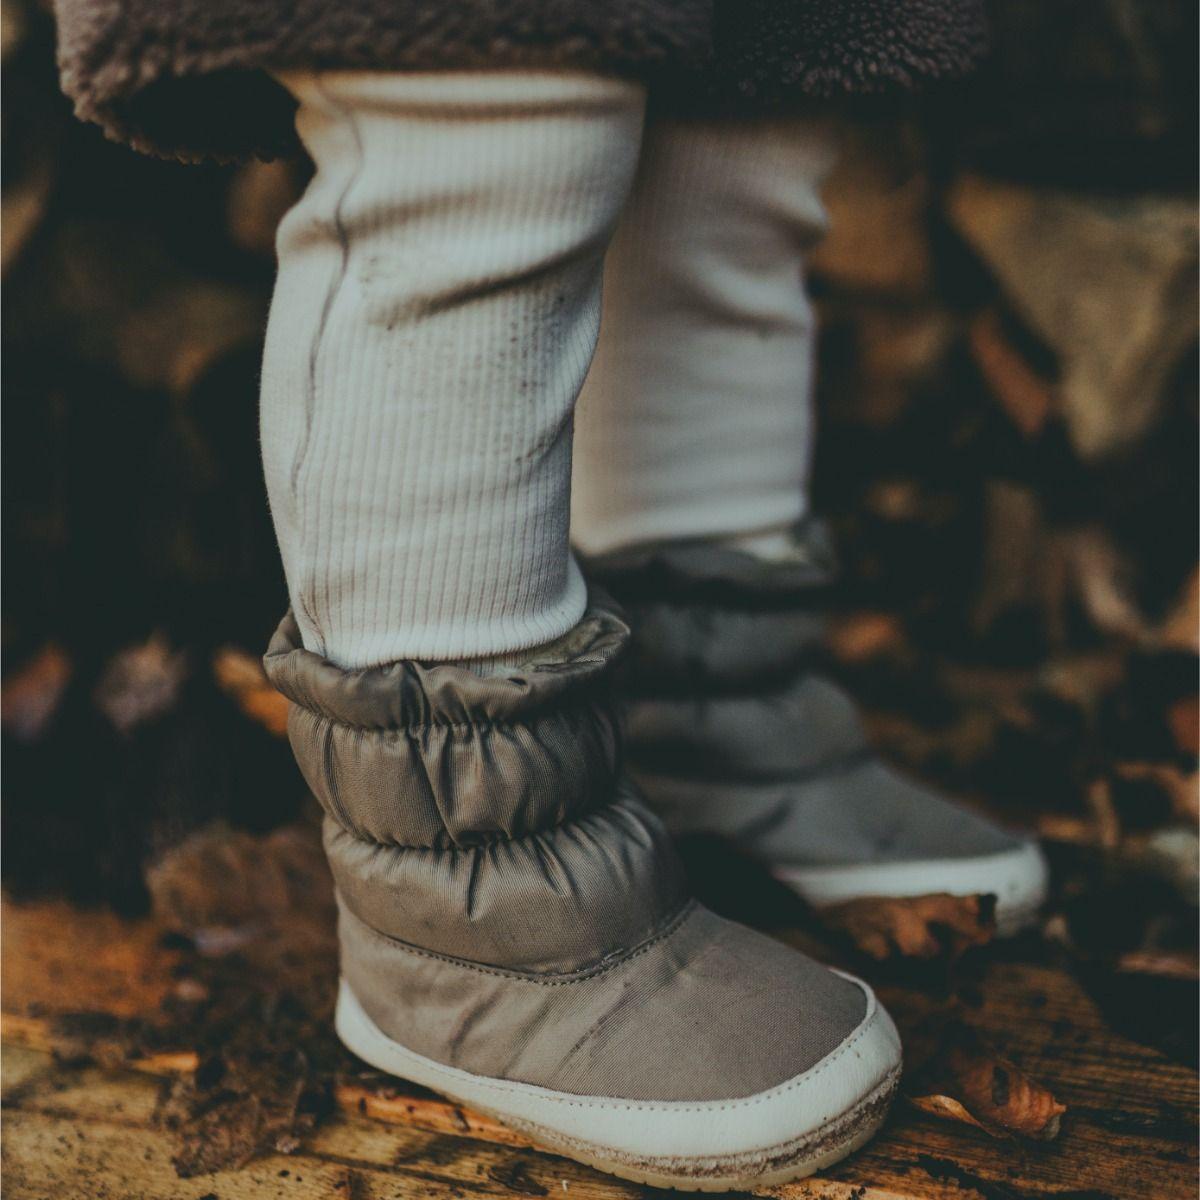 Chrisser Leggings | Macaroon